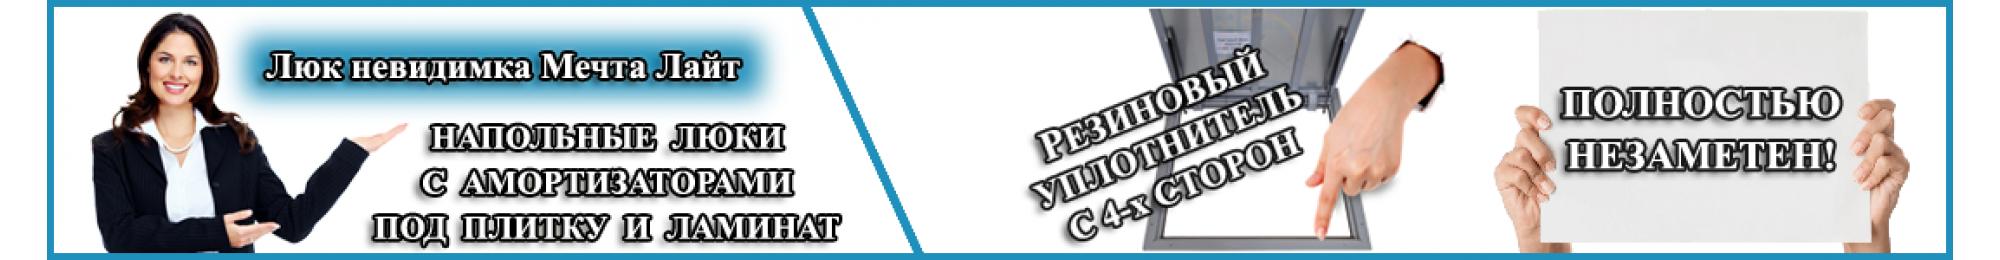 Напольные люки Мечта Лайт №1